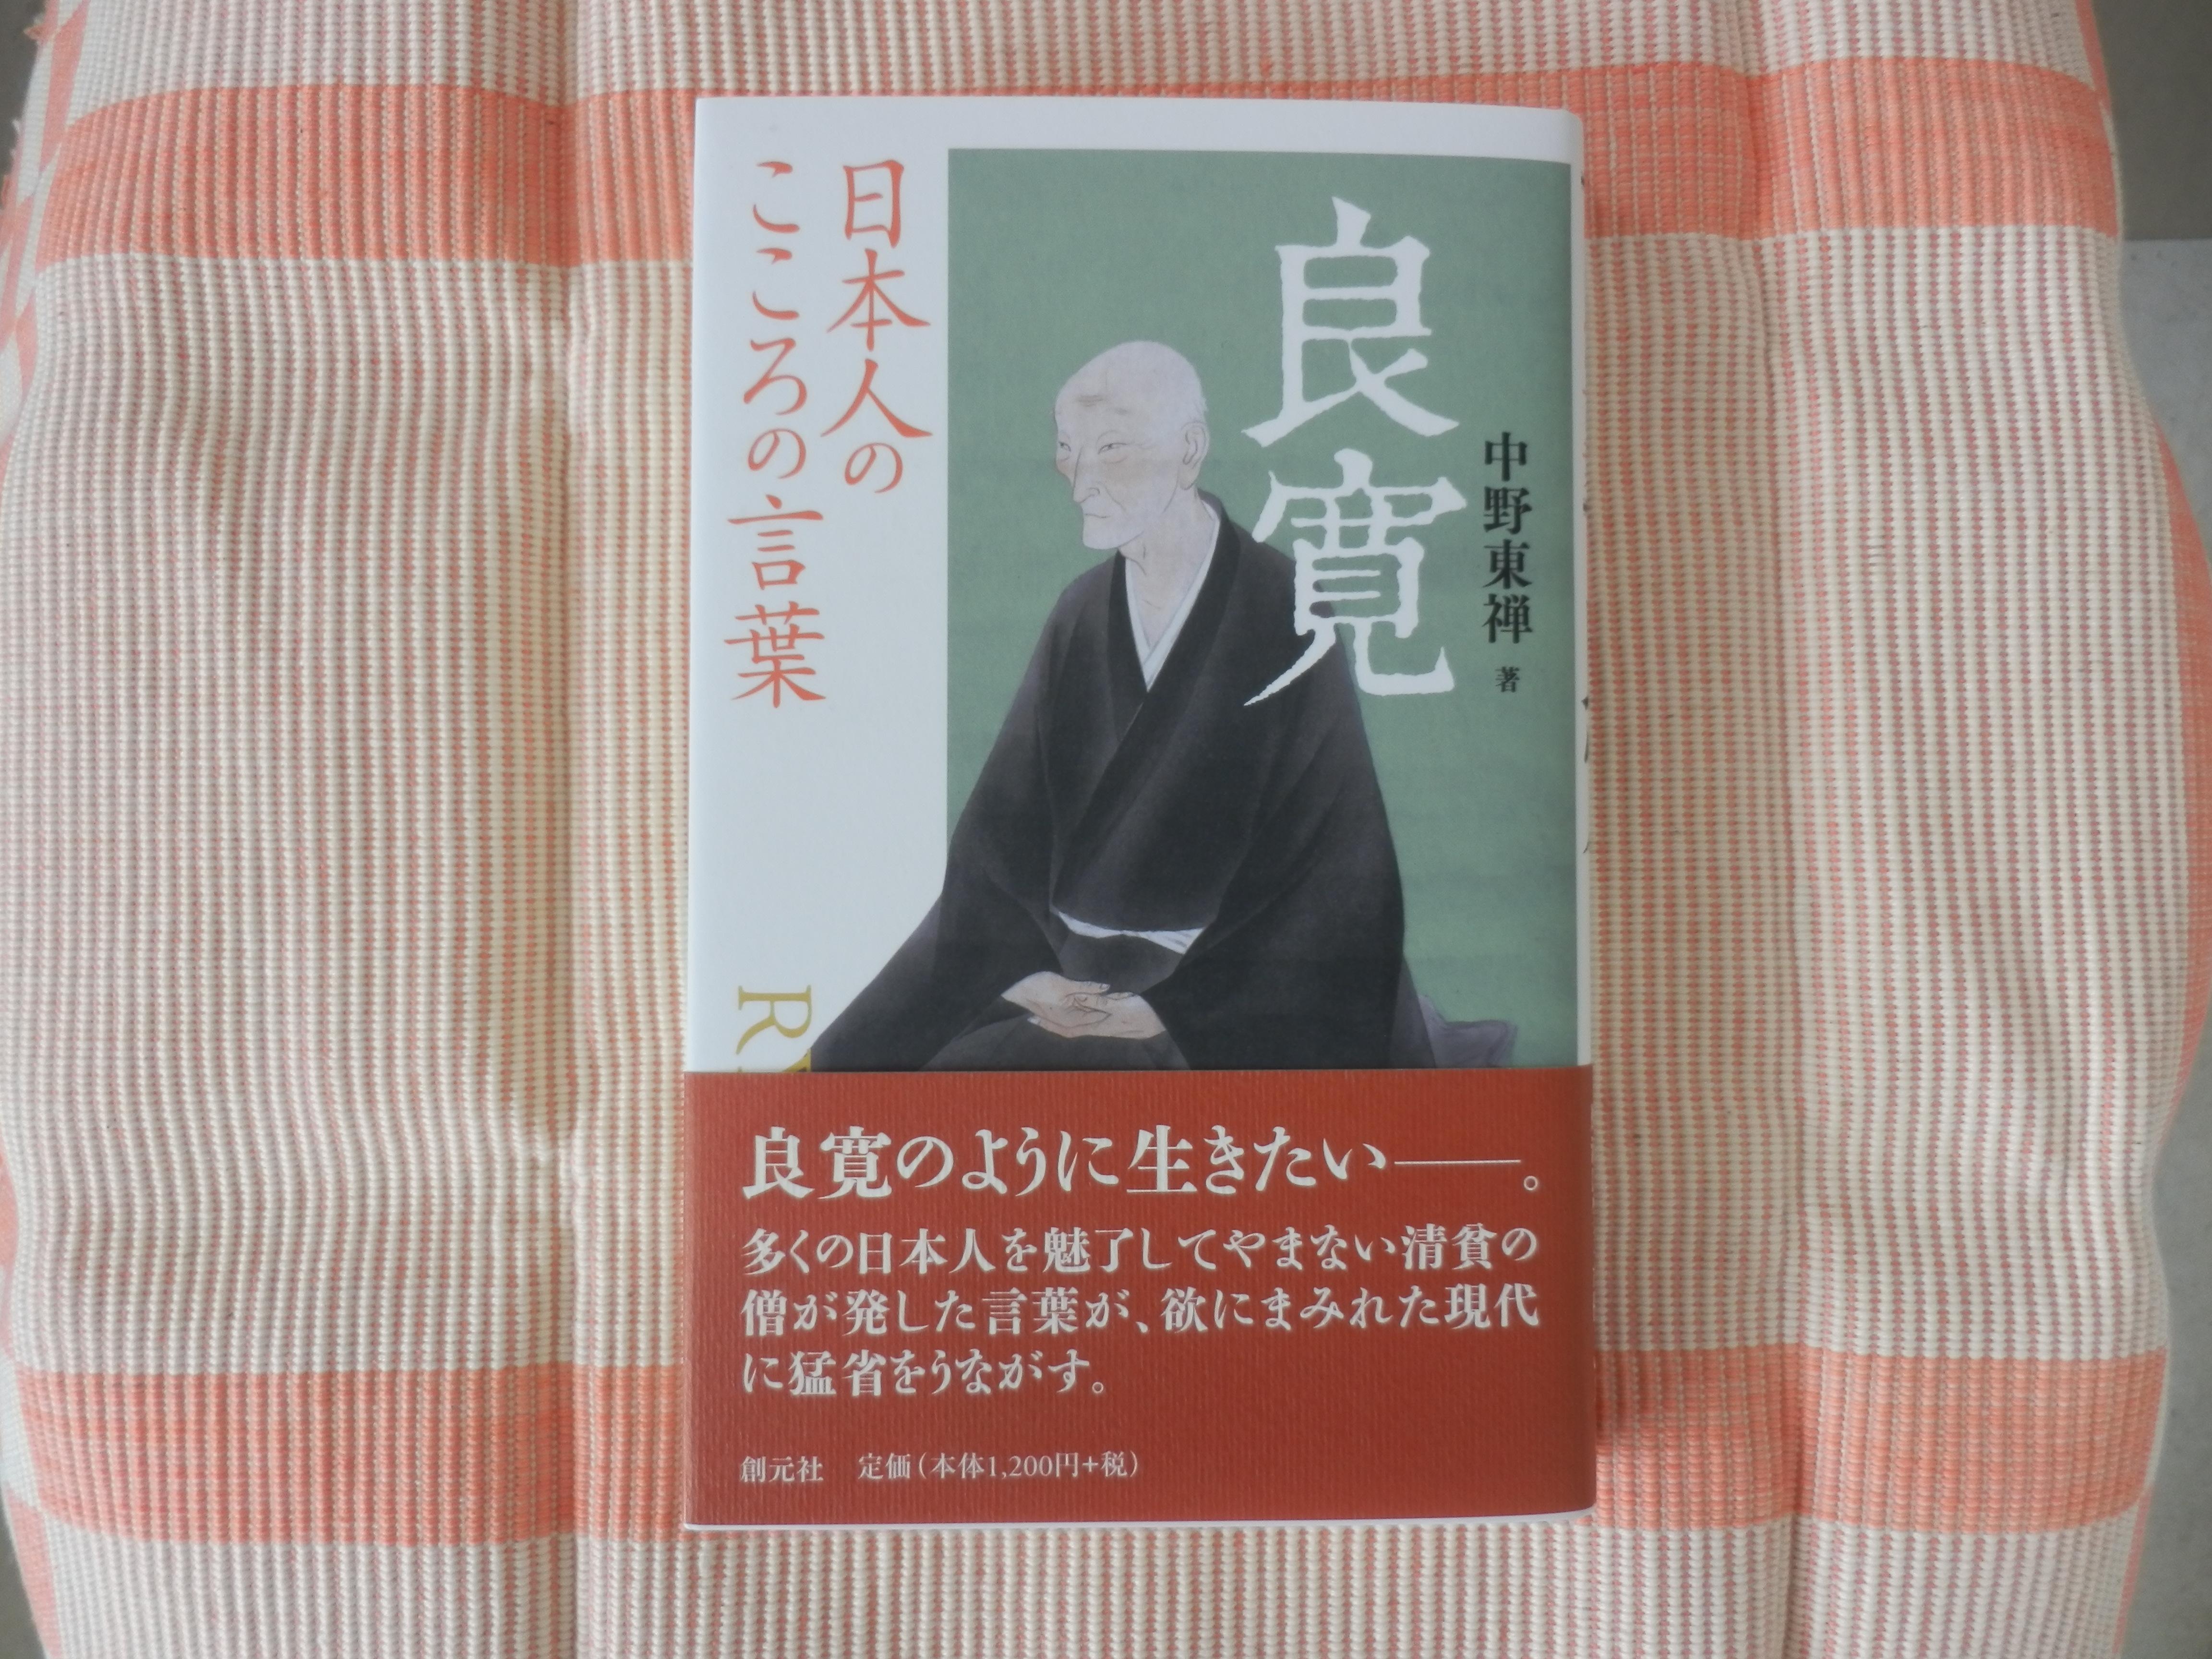 『良寛日本人のこころの言葉』